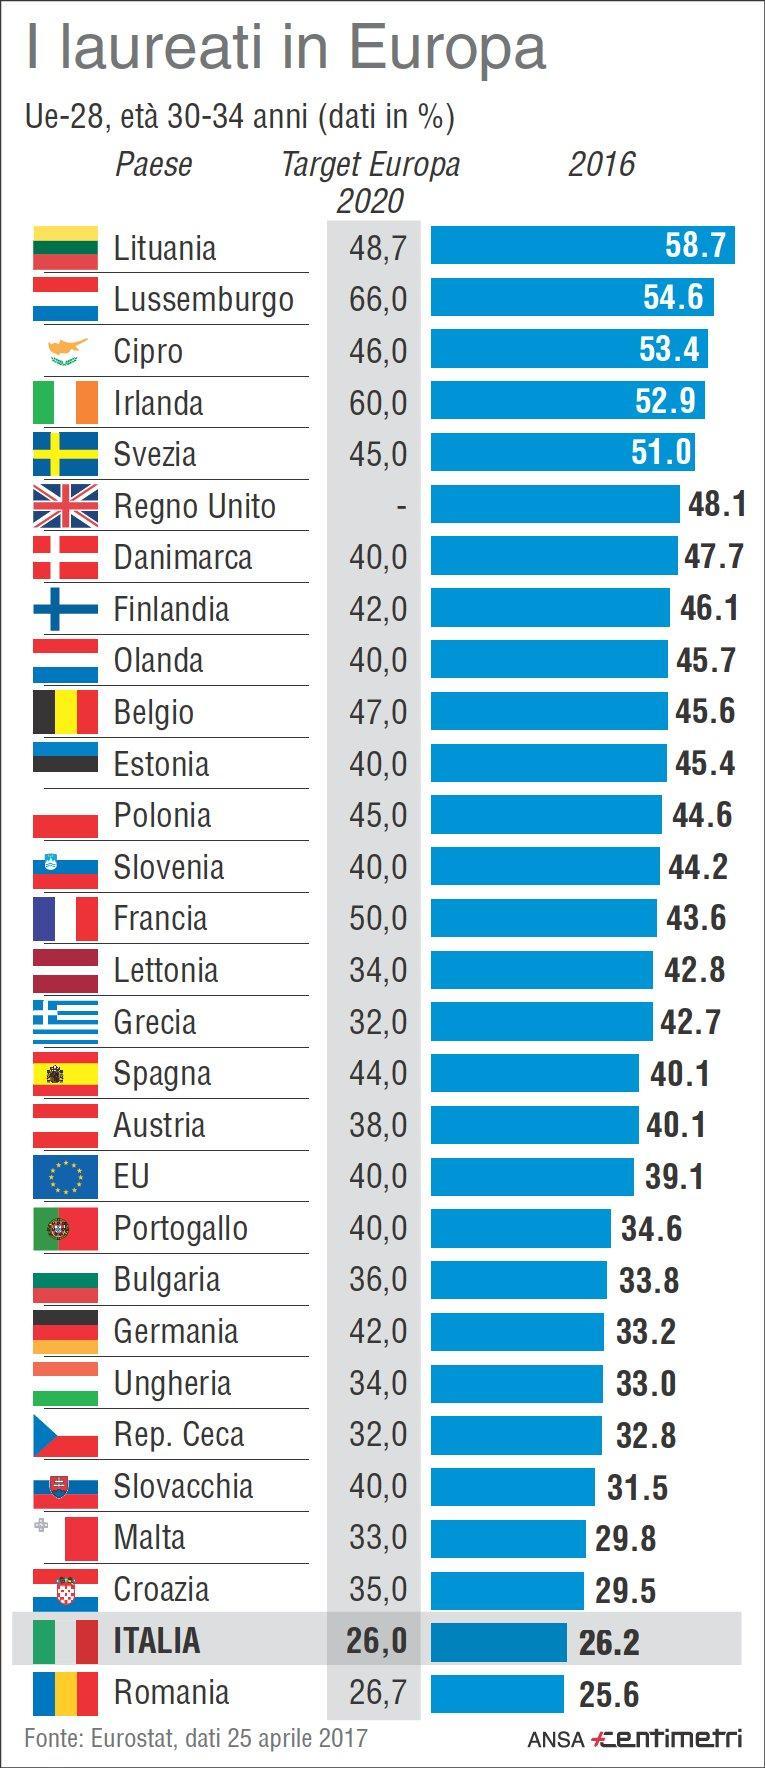 eurostat italia penultima tra paesi ue per il numero di